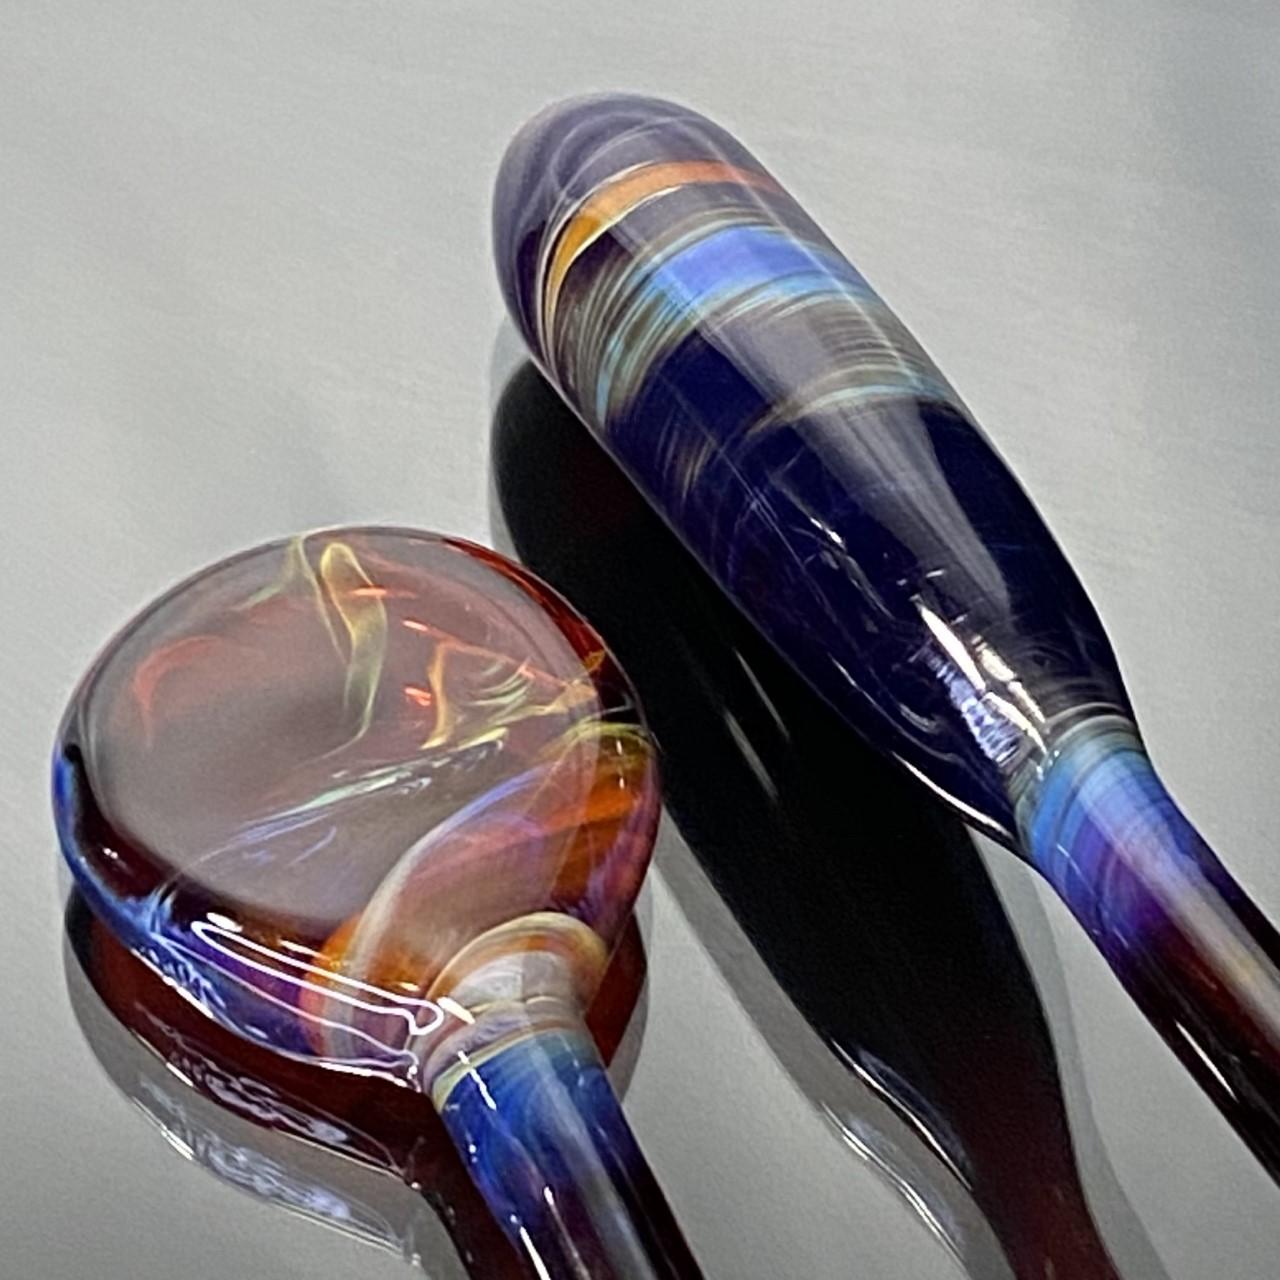 Pangea Chillium Pipe - Amber Purple